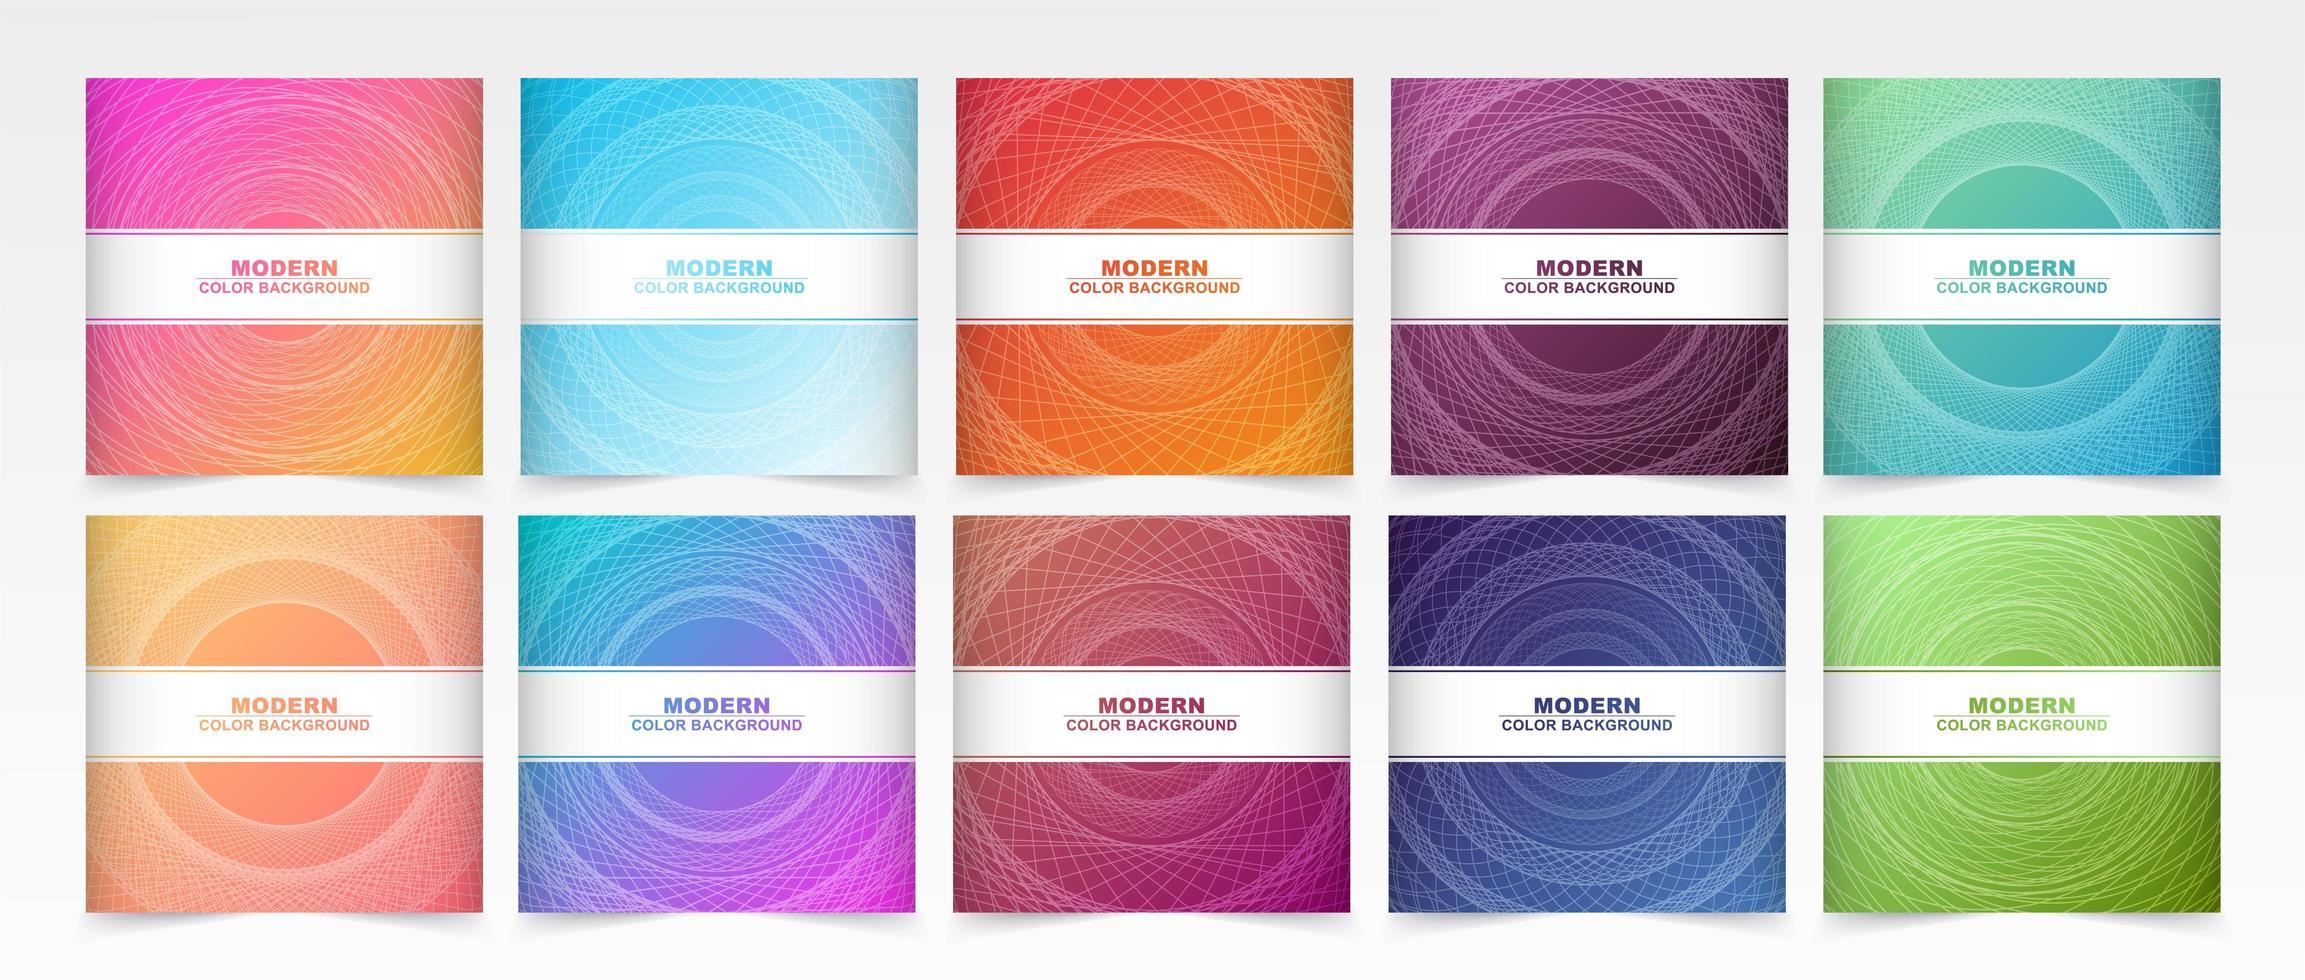 capas de círculos concêntricos geométricos coloridos vetor